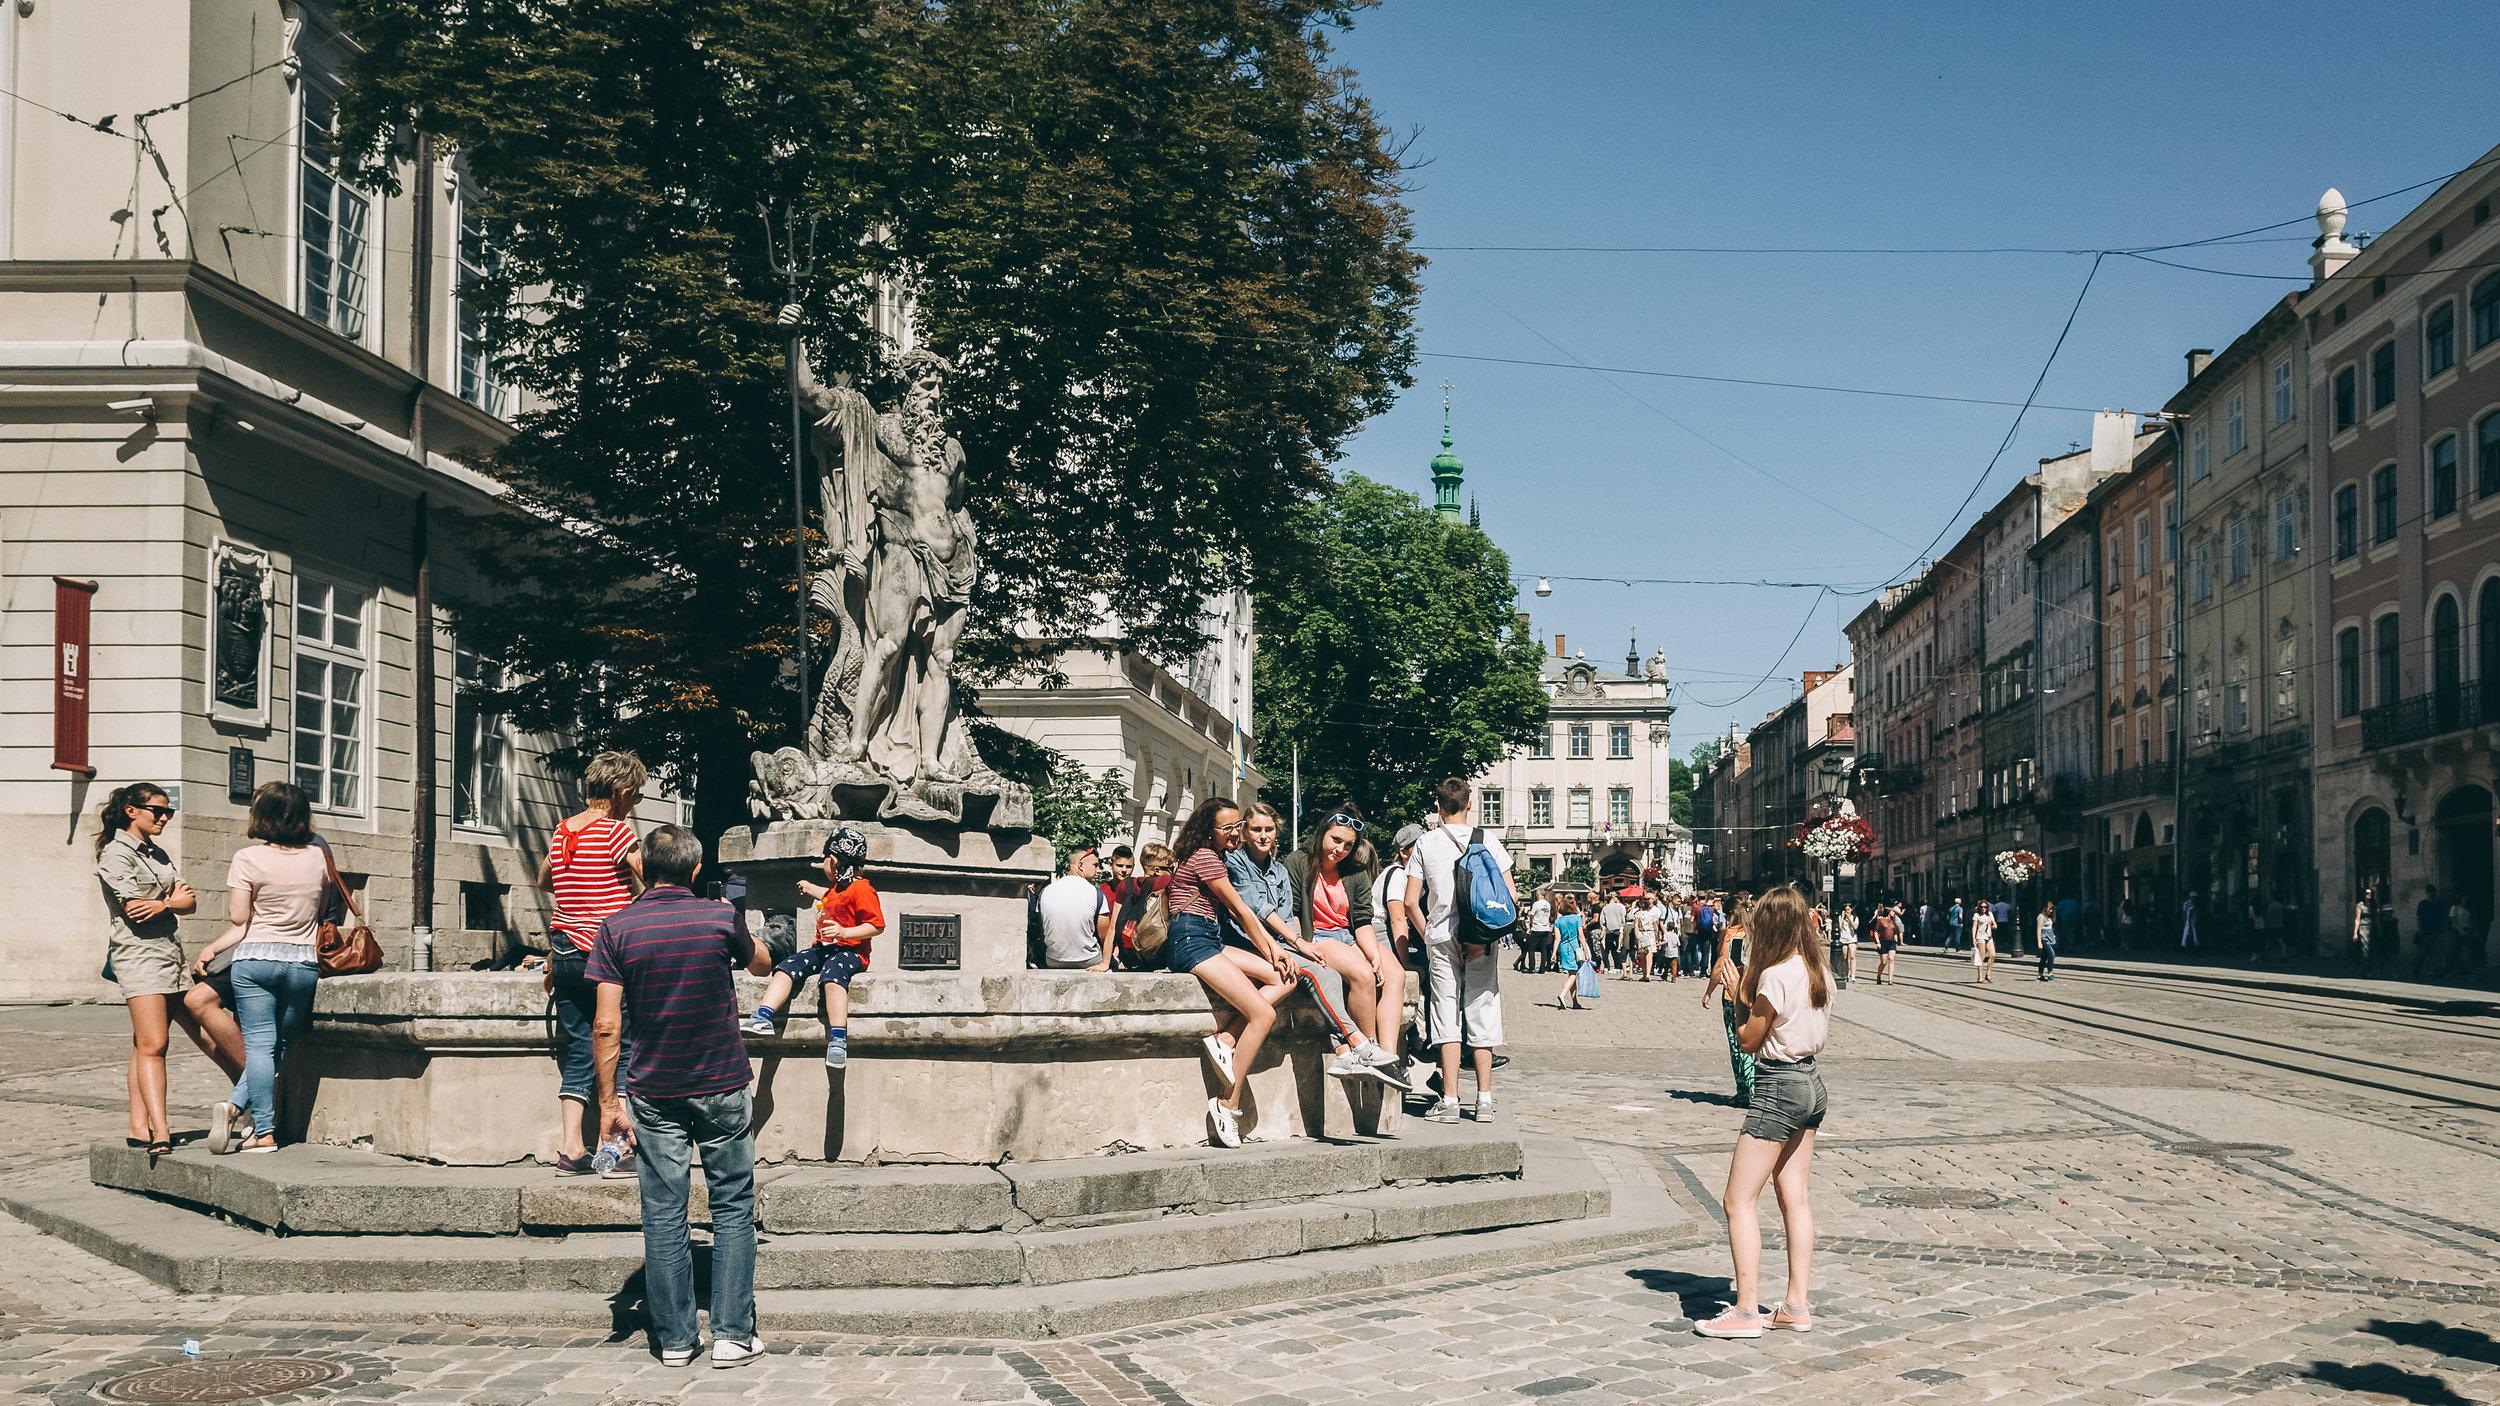 Το άγαλμα του Ποσειδώνα στη Λβιβ